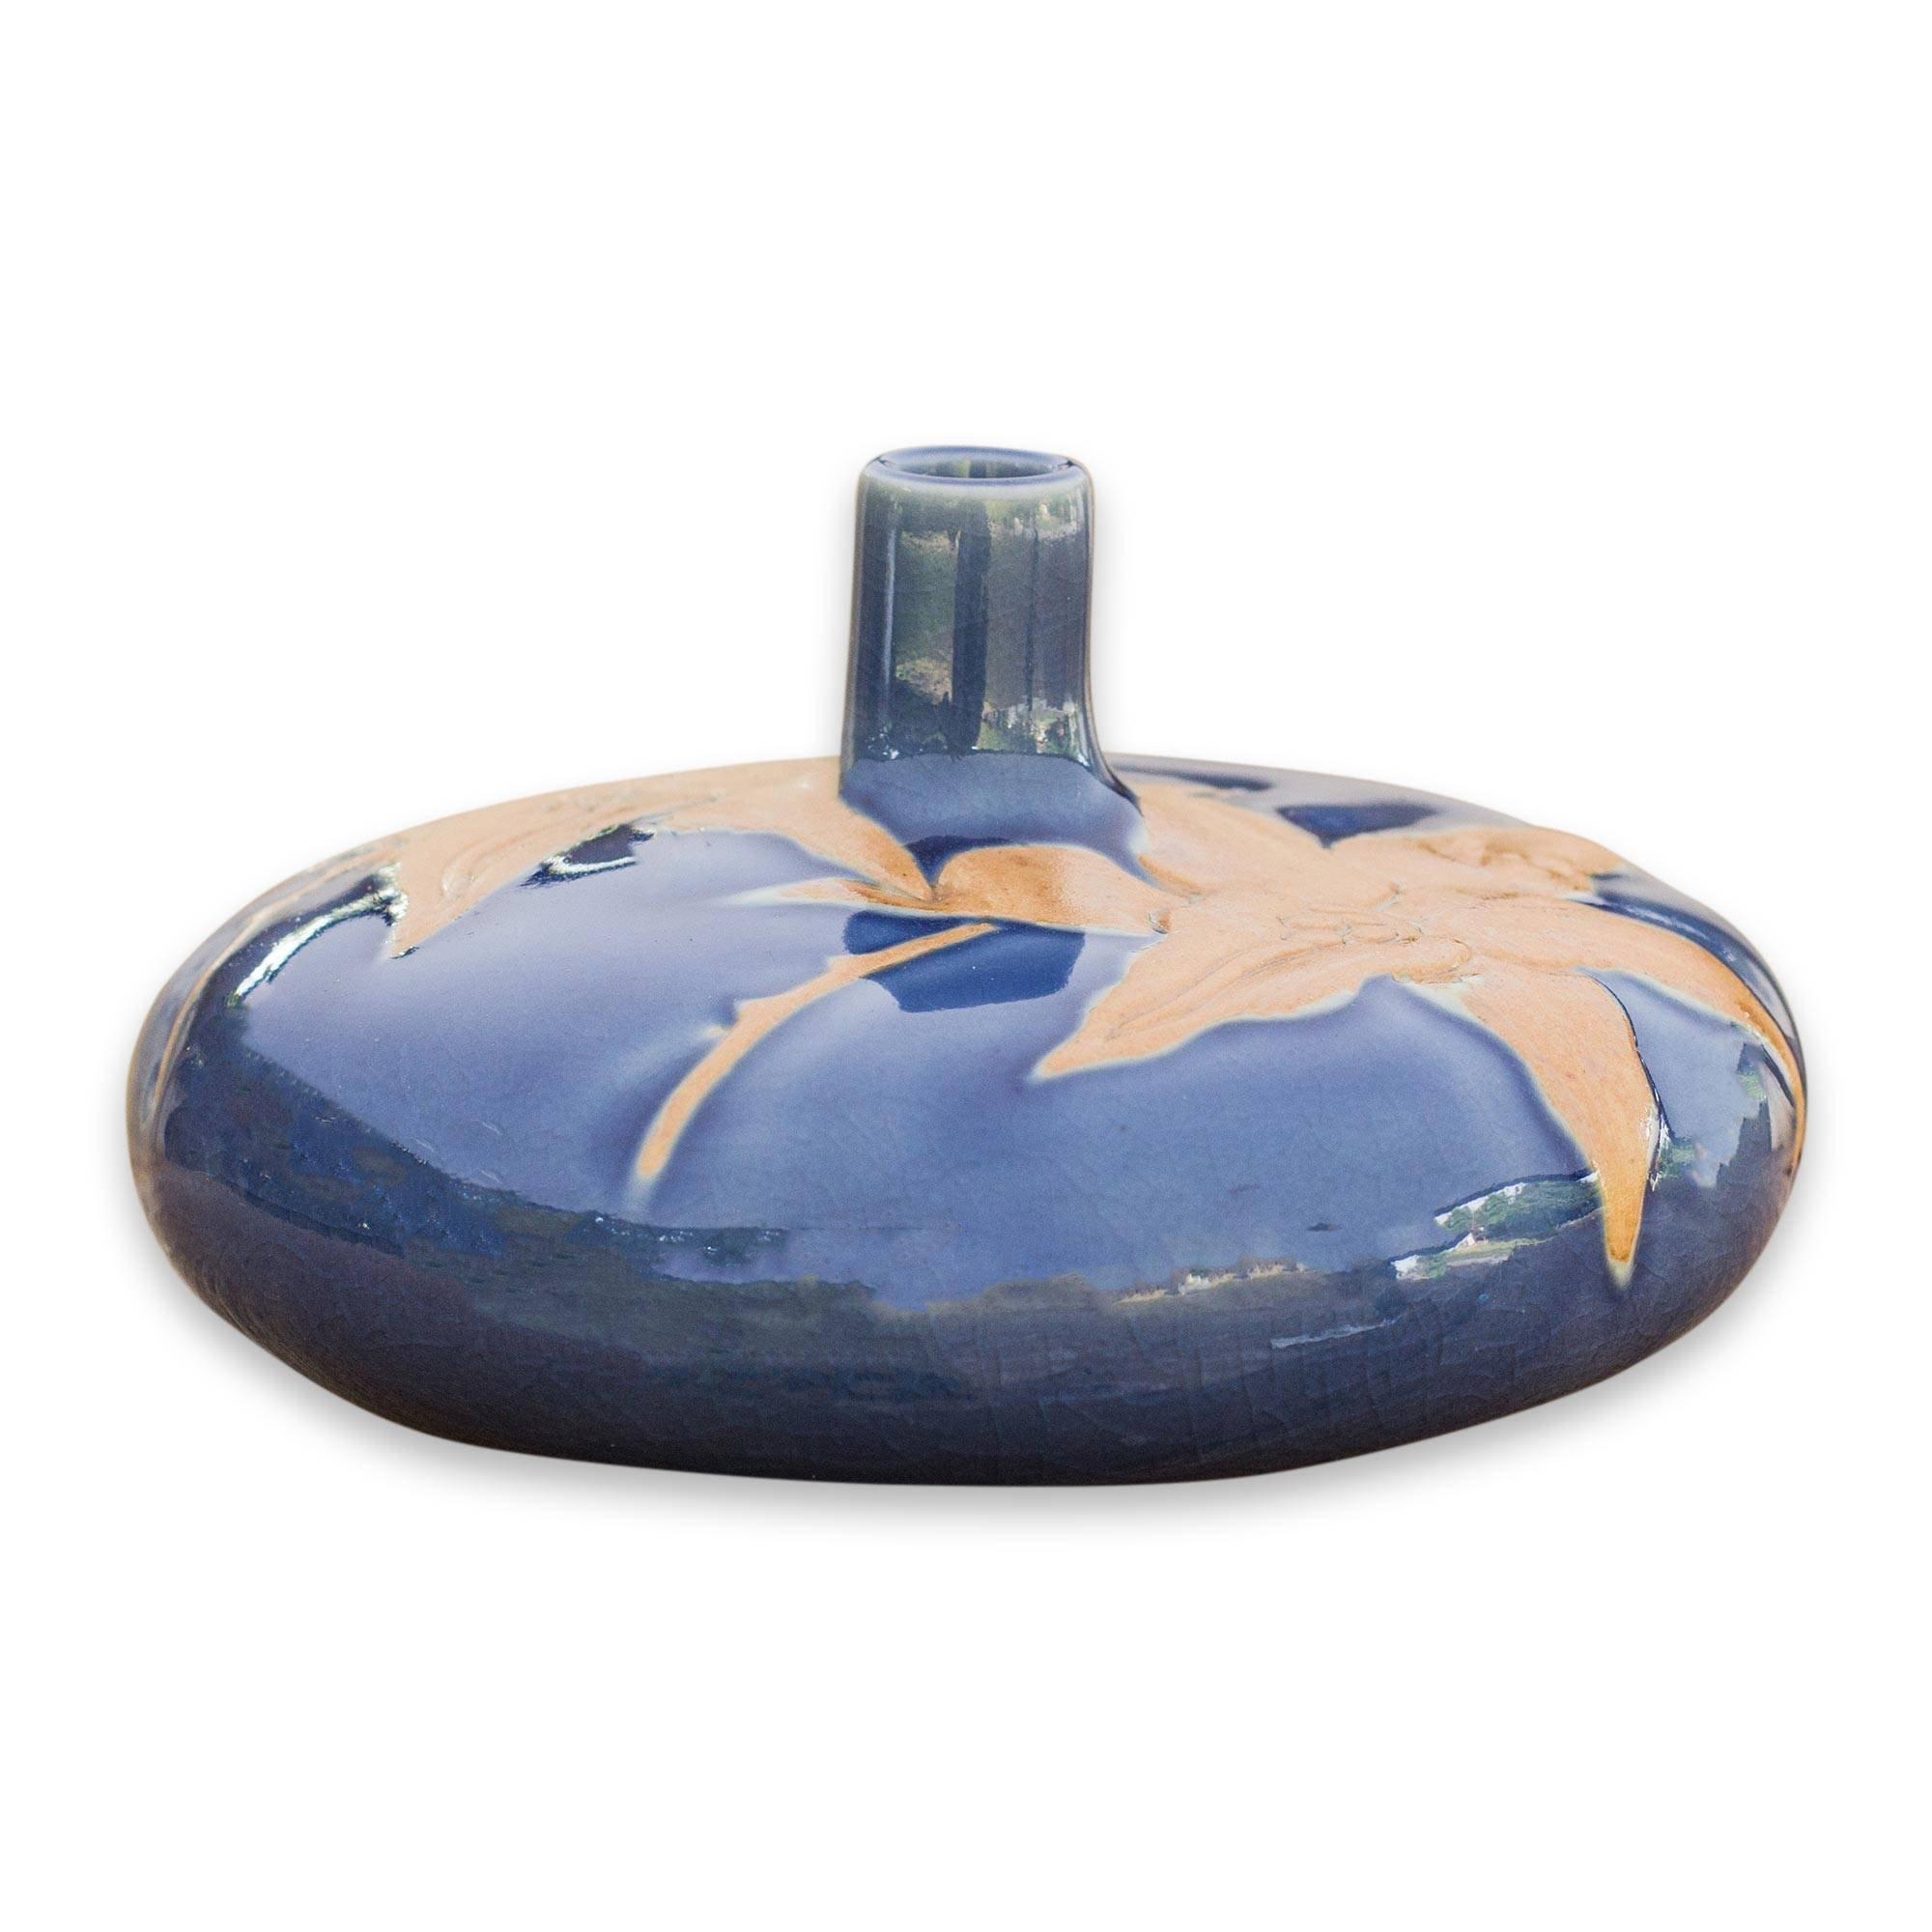 NOVICA Floral Ceramic Vase, Blue 'Blue Valley Lily'